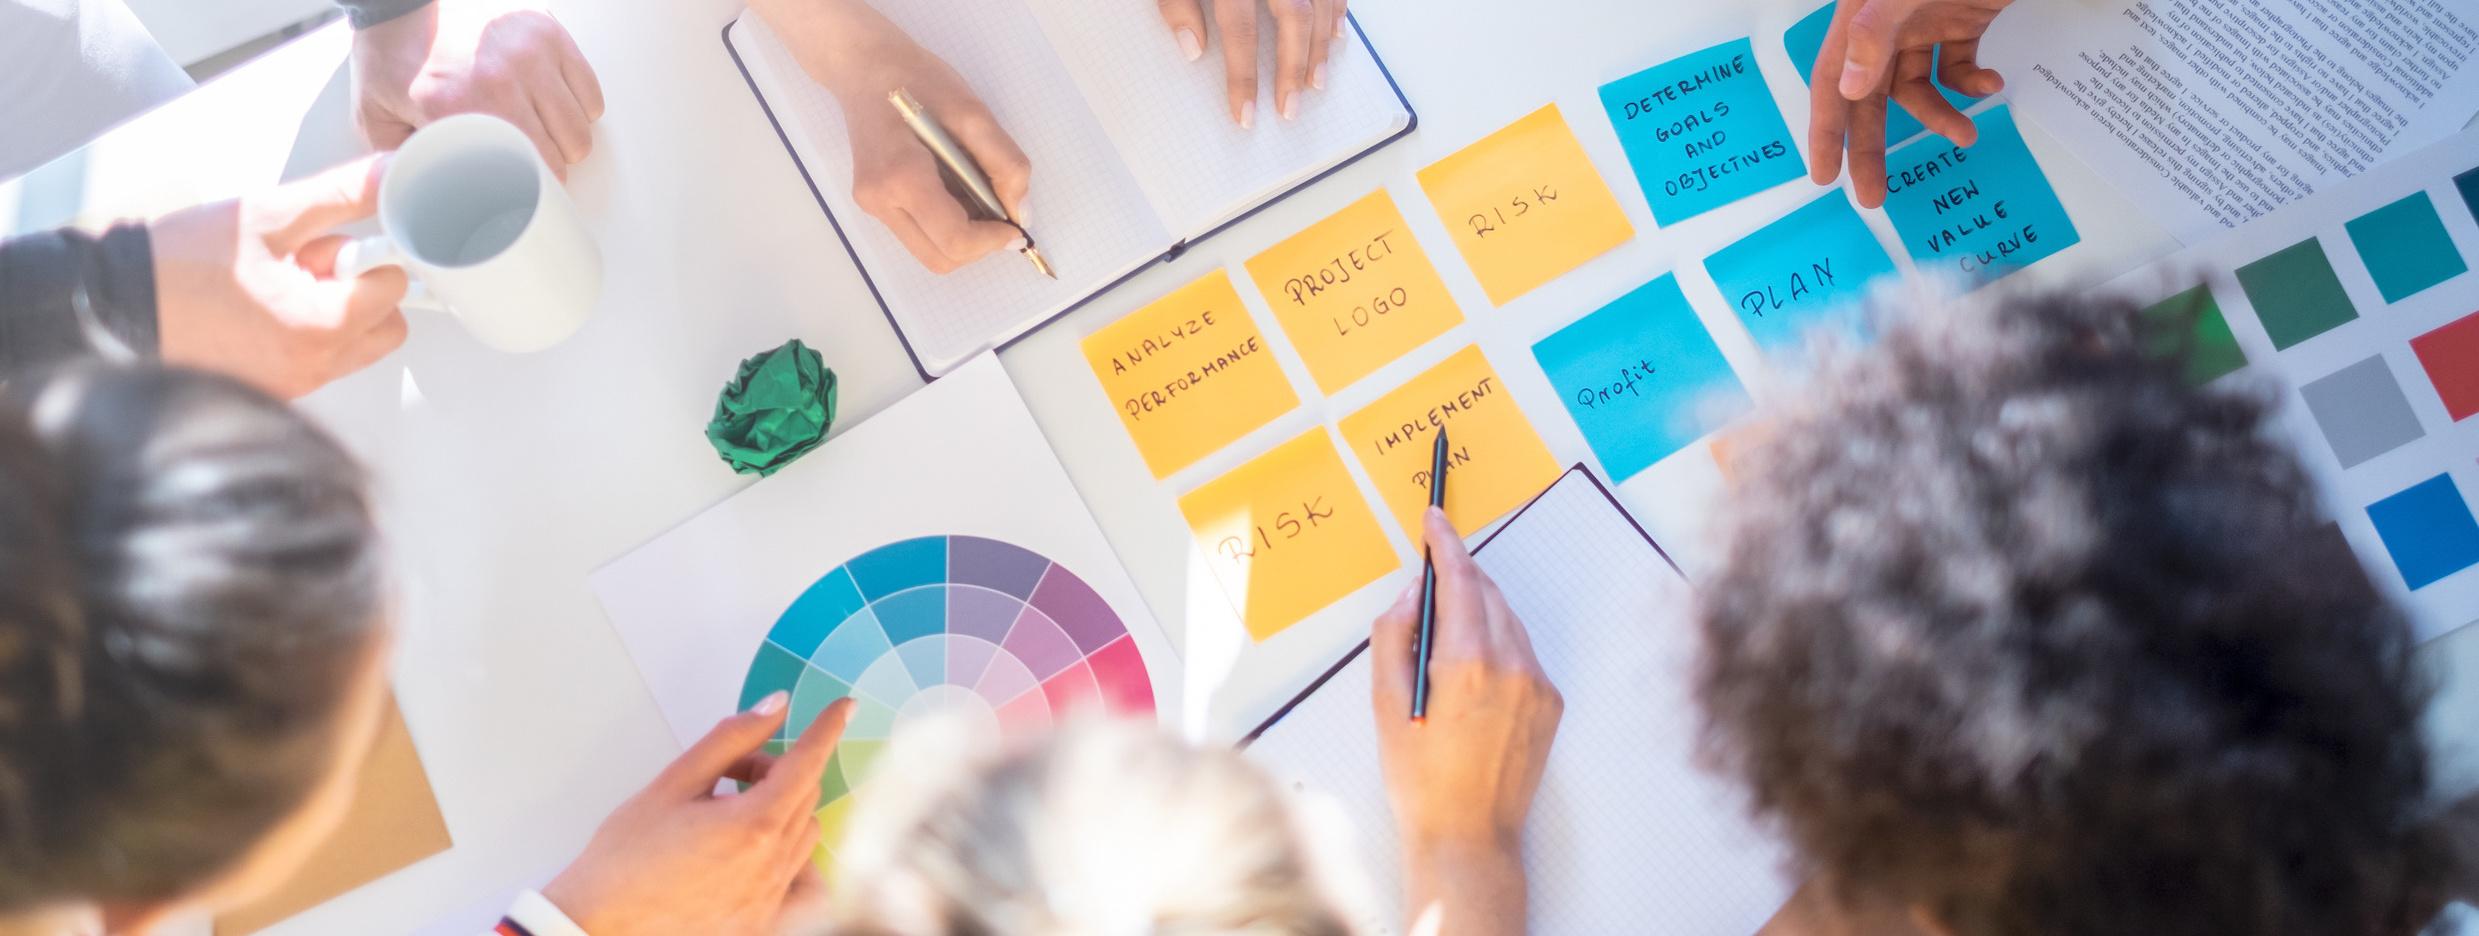 Entwicklung innovativer Geschäftsmodelle und Digitalisierungsberatung